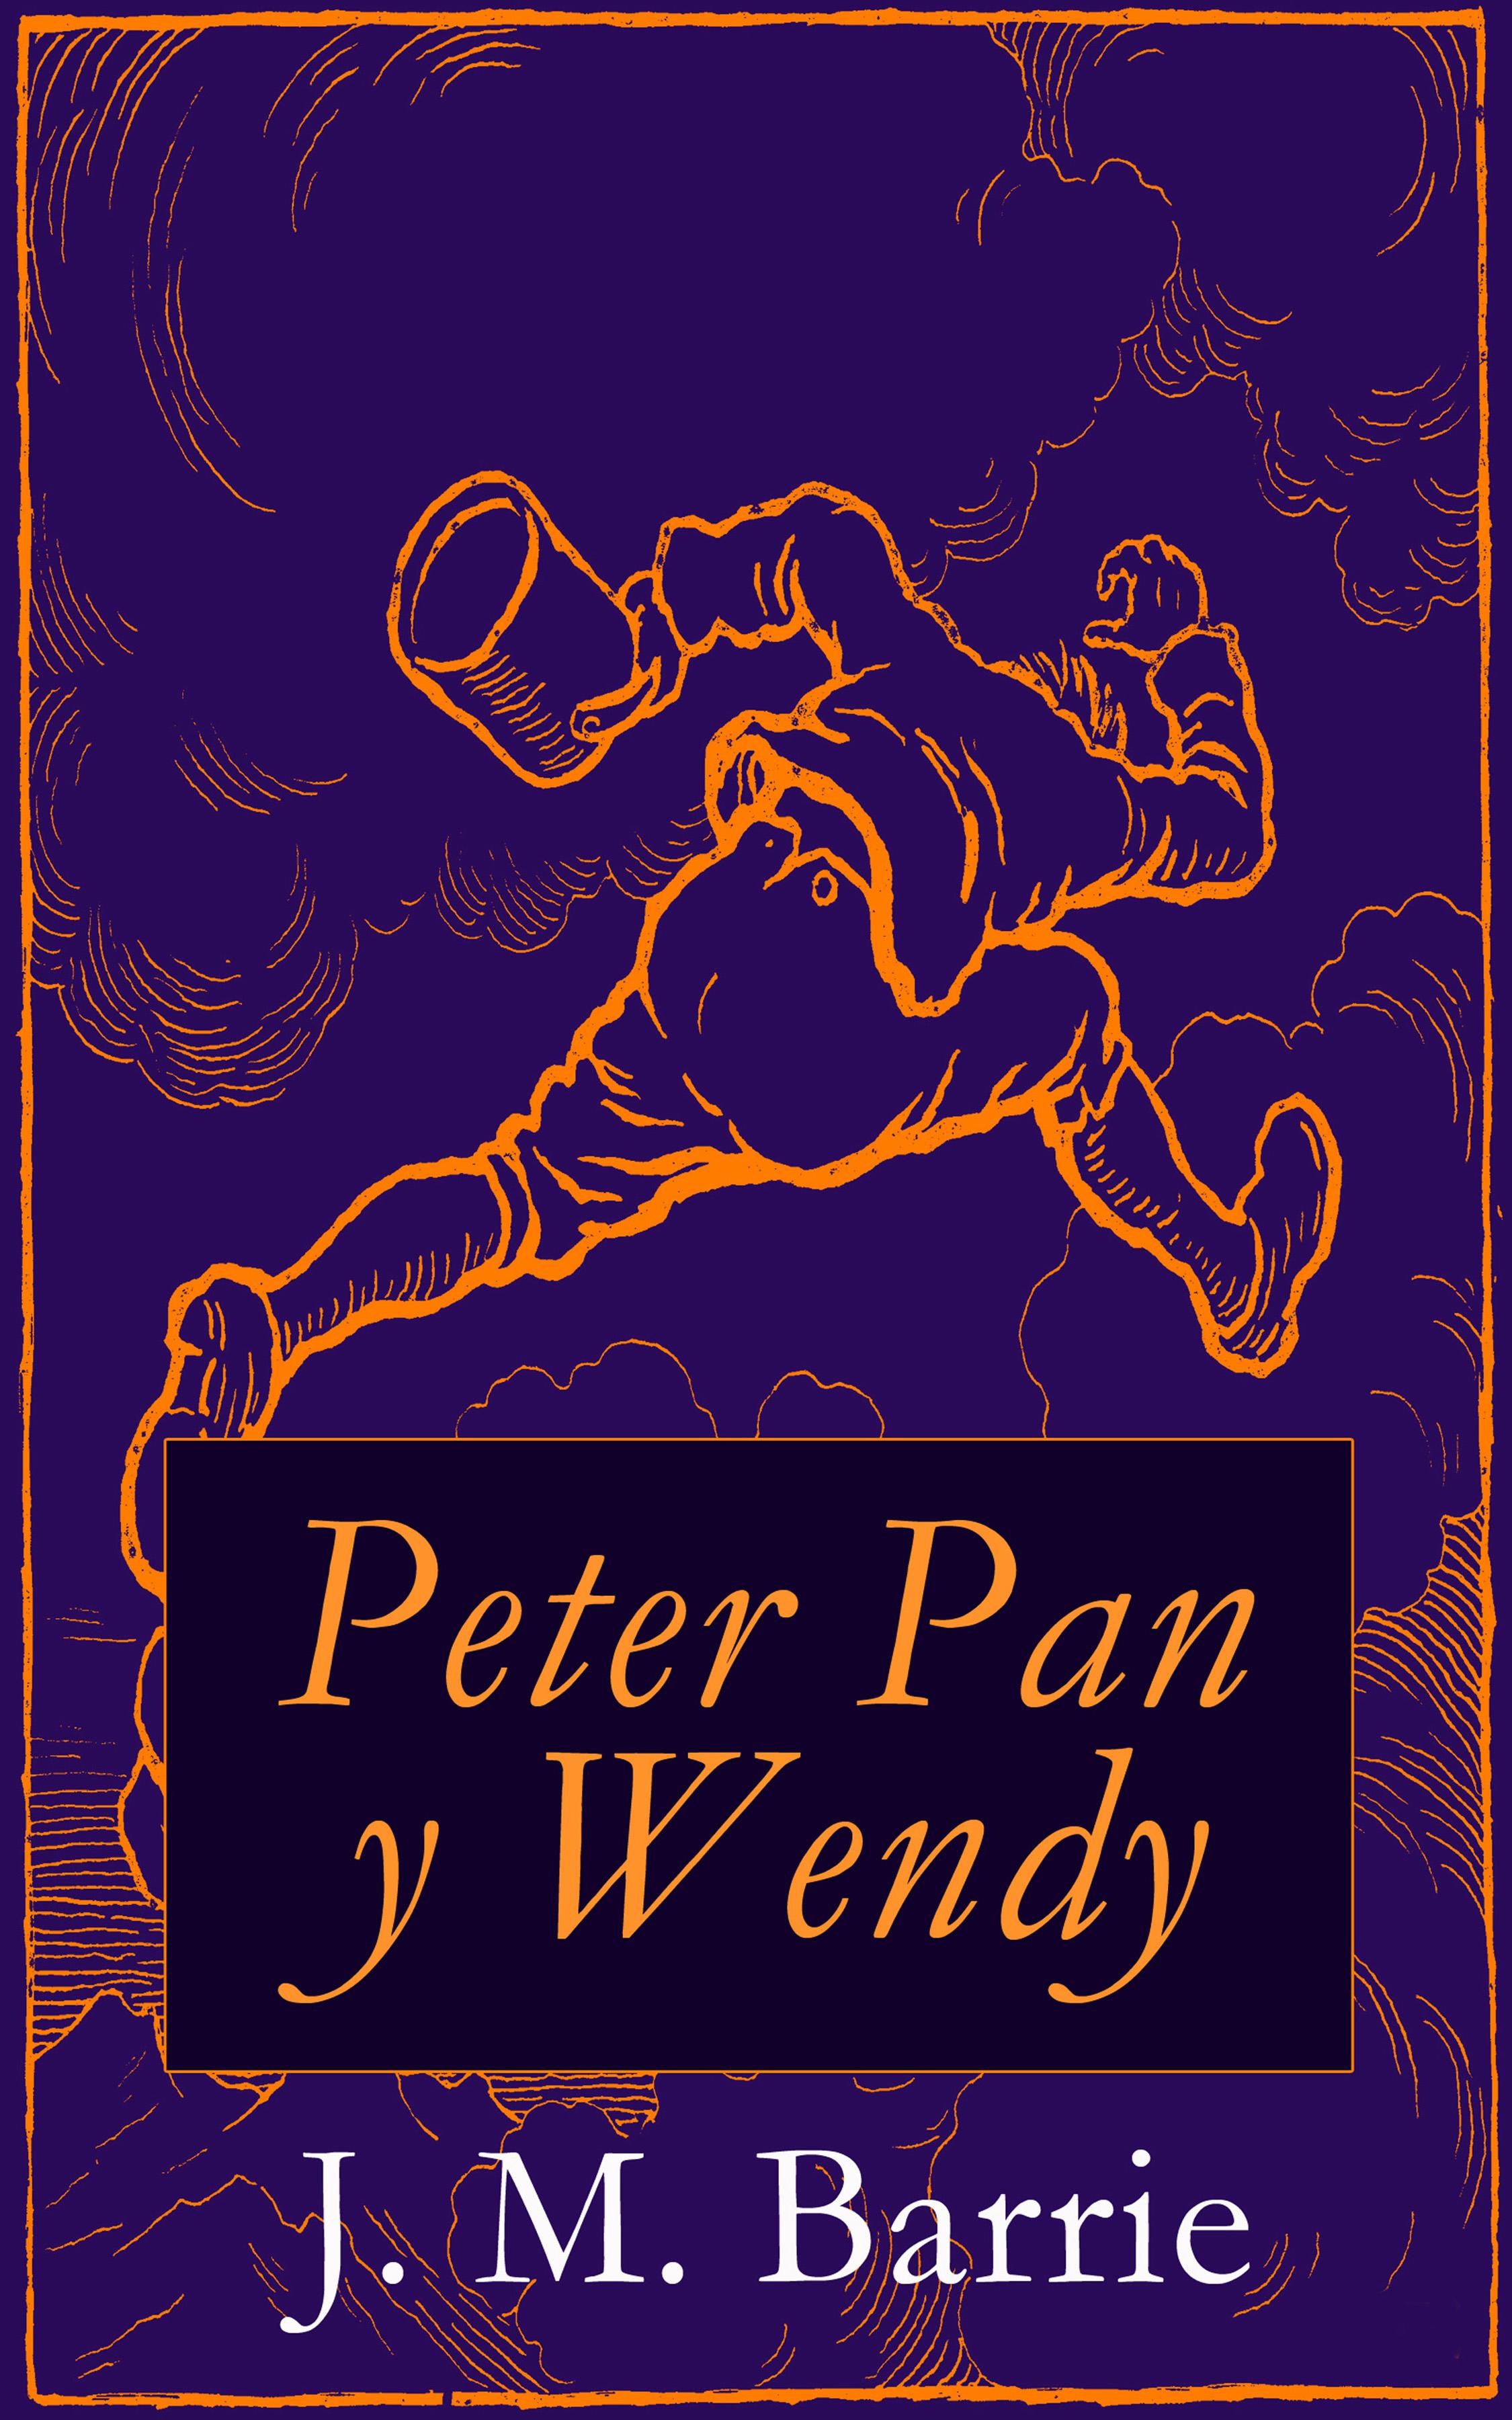 Barrie,J. M. Peter Pan y Wendy